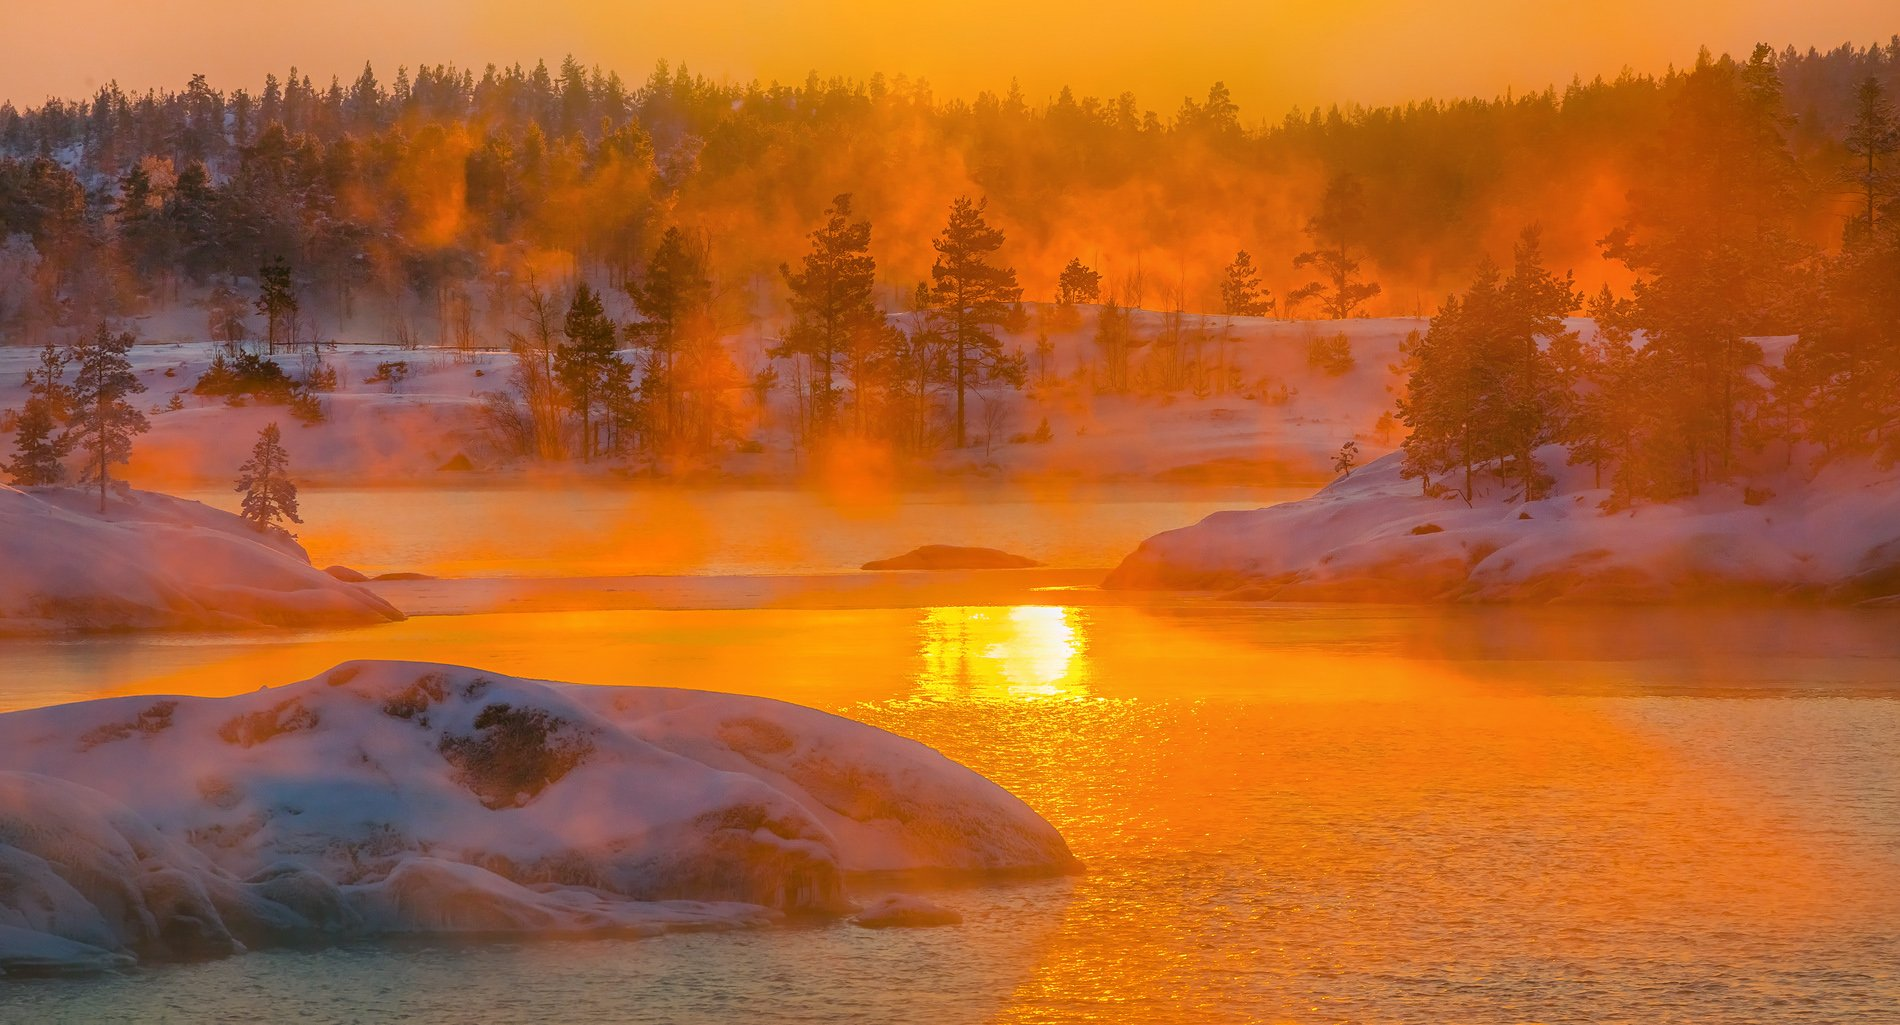 ладожское озеро, карелия, остров, зима, снег, фототур, скалы, шхеры, льдины, закат, туман, вода,, Лашков Фёдор